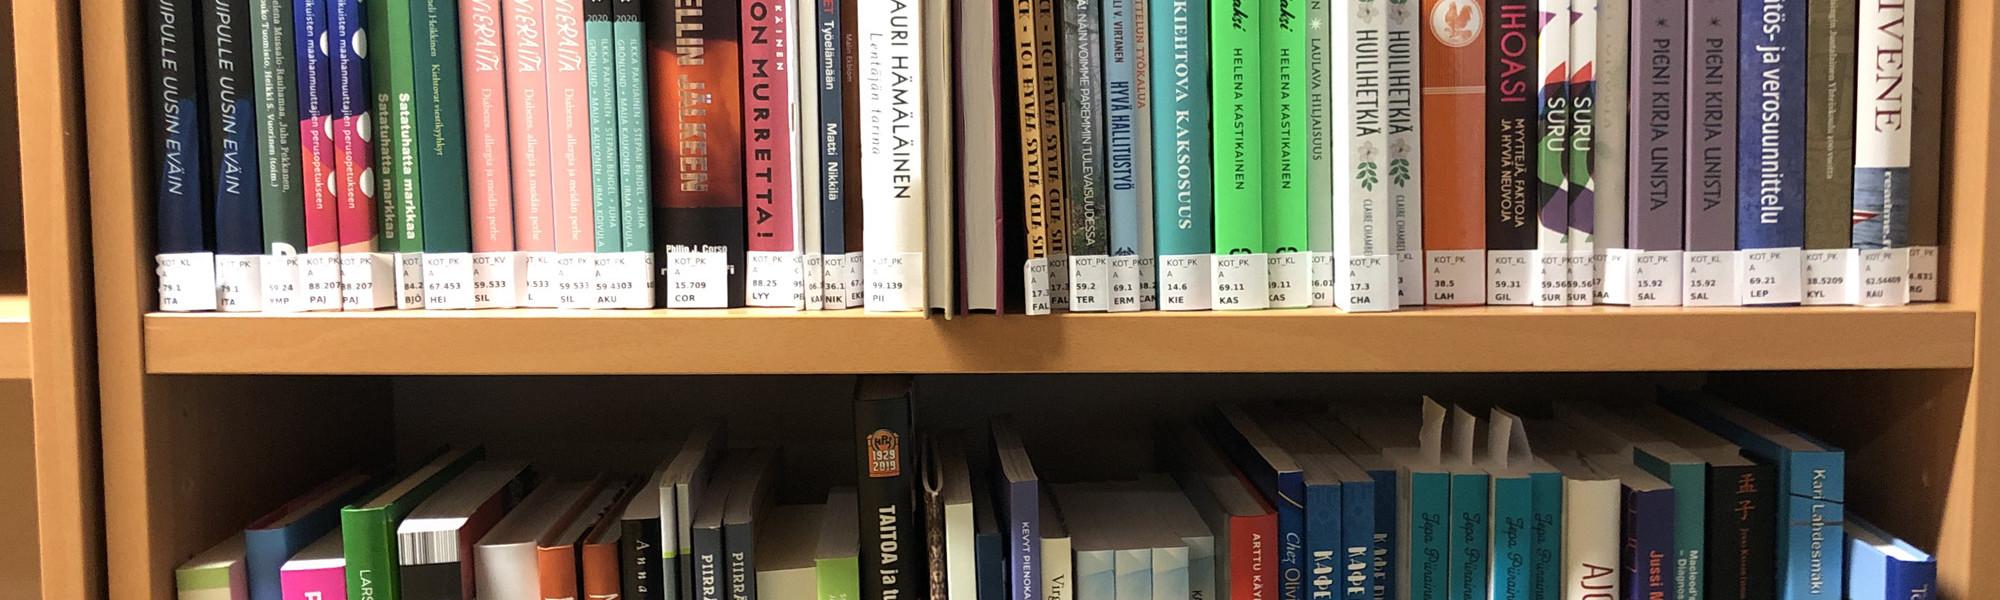 Kirjat ilman muovia hyllyssä.